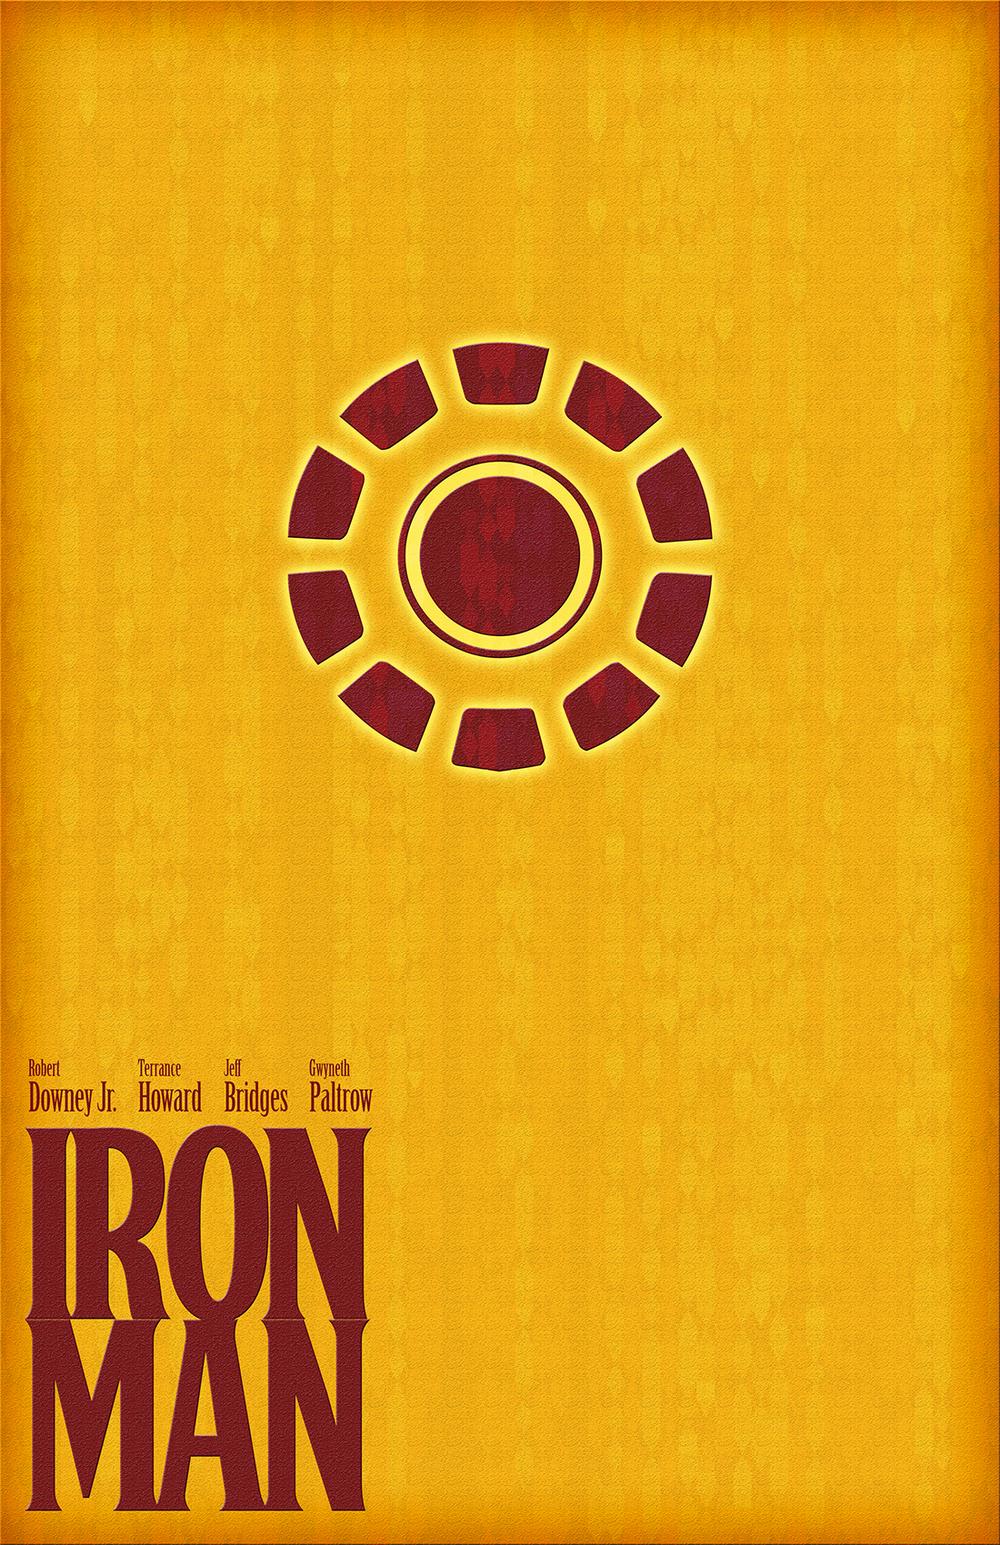 Iron Man Poster 1.jpg